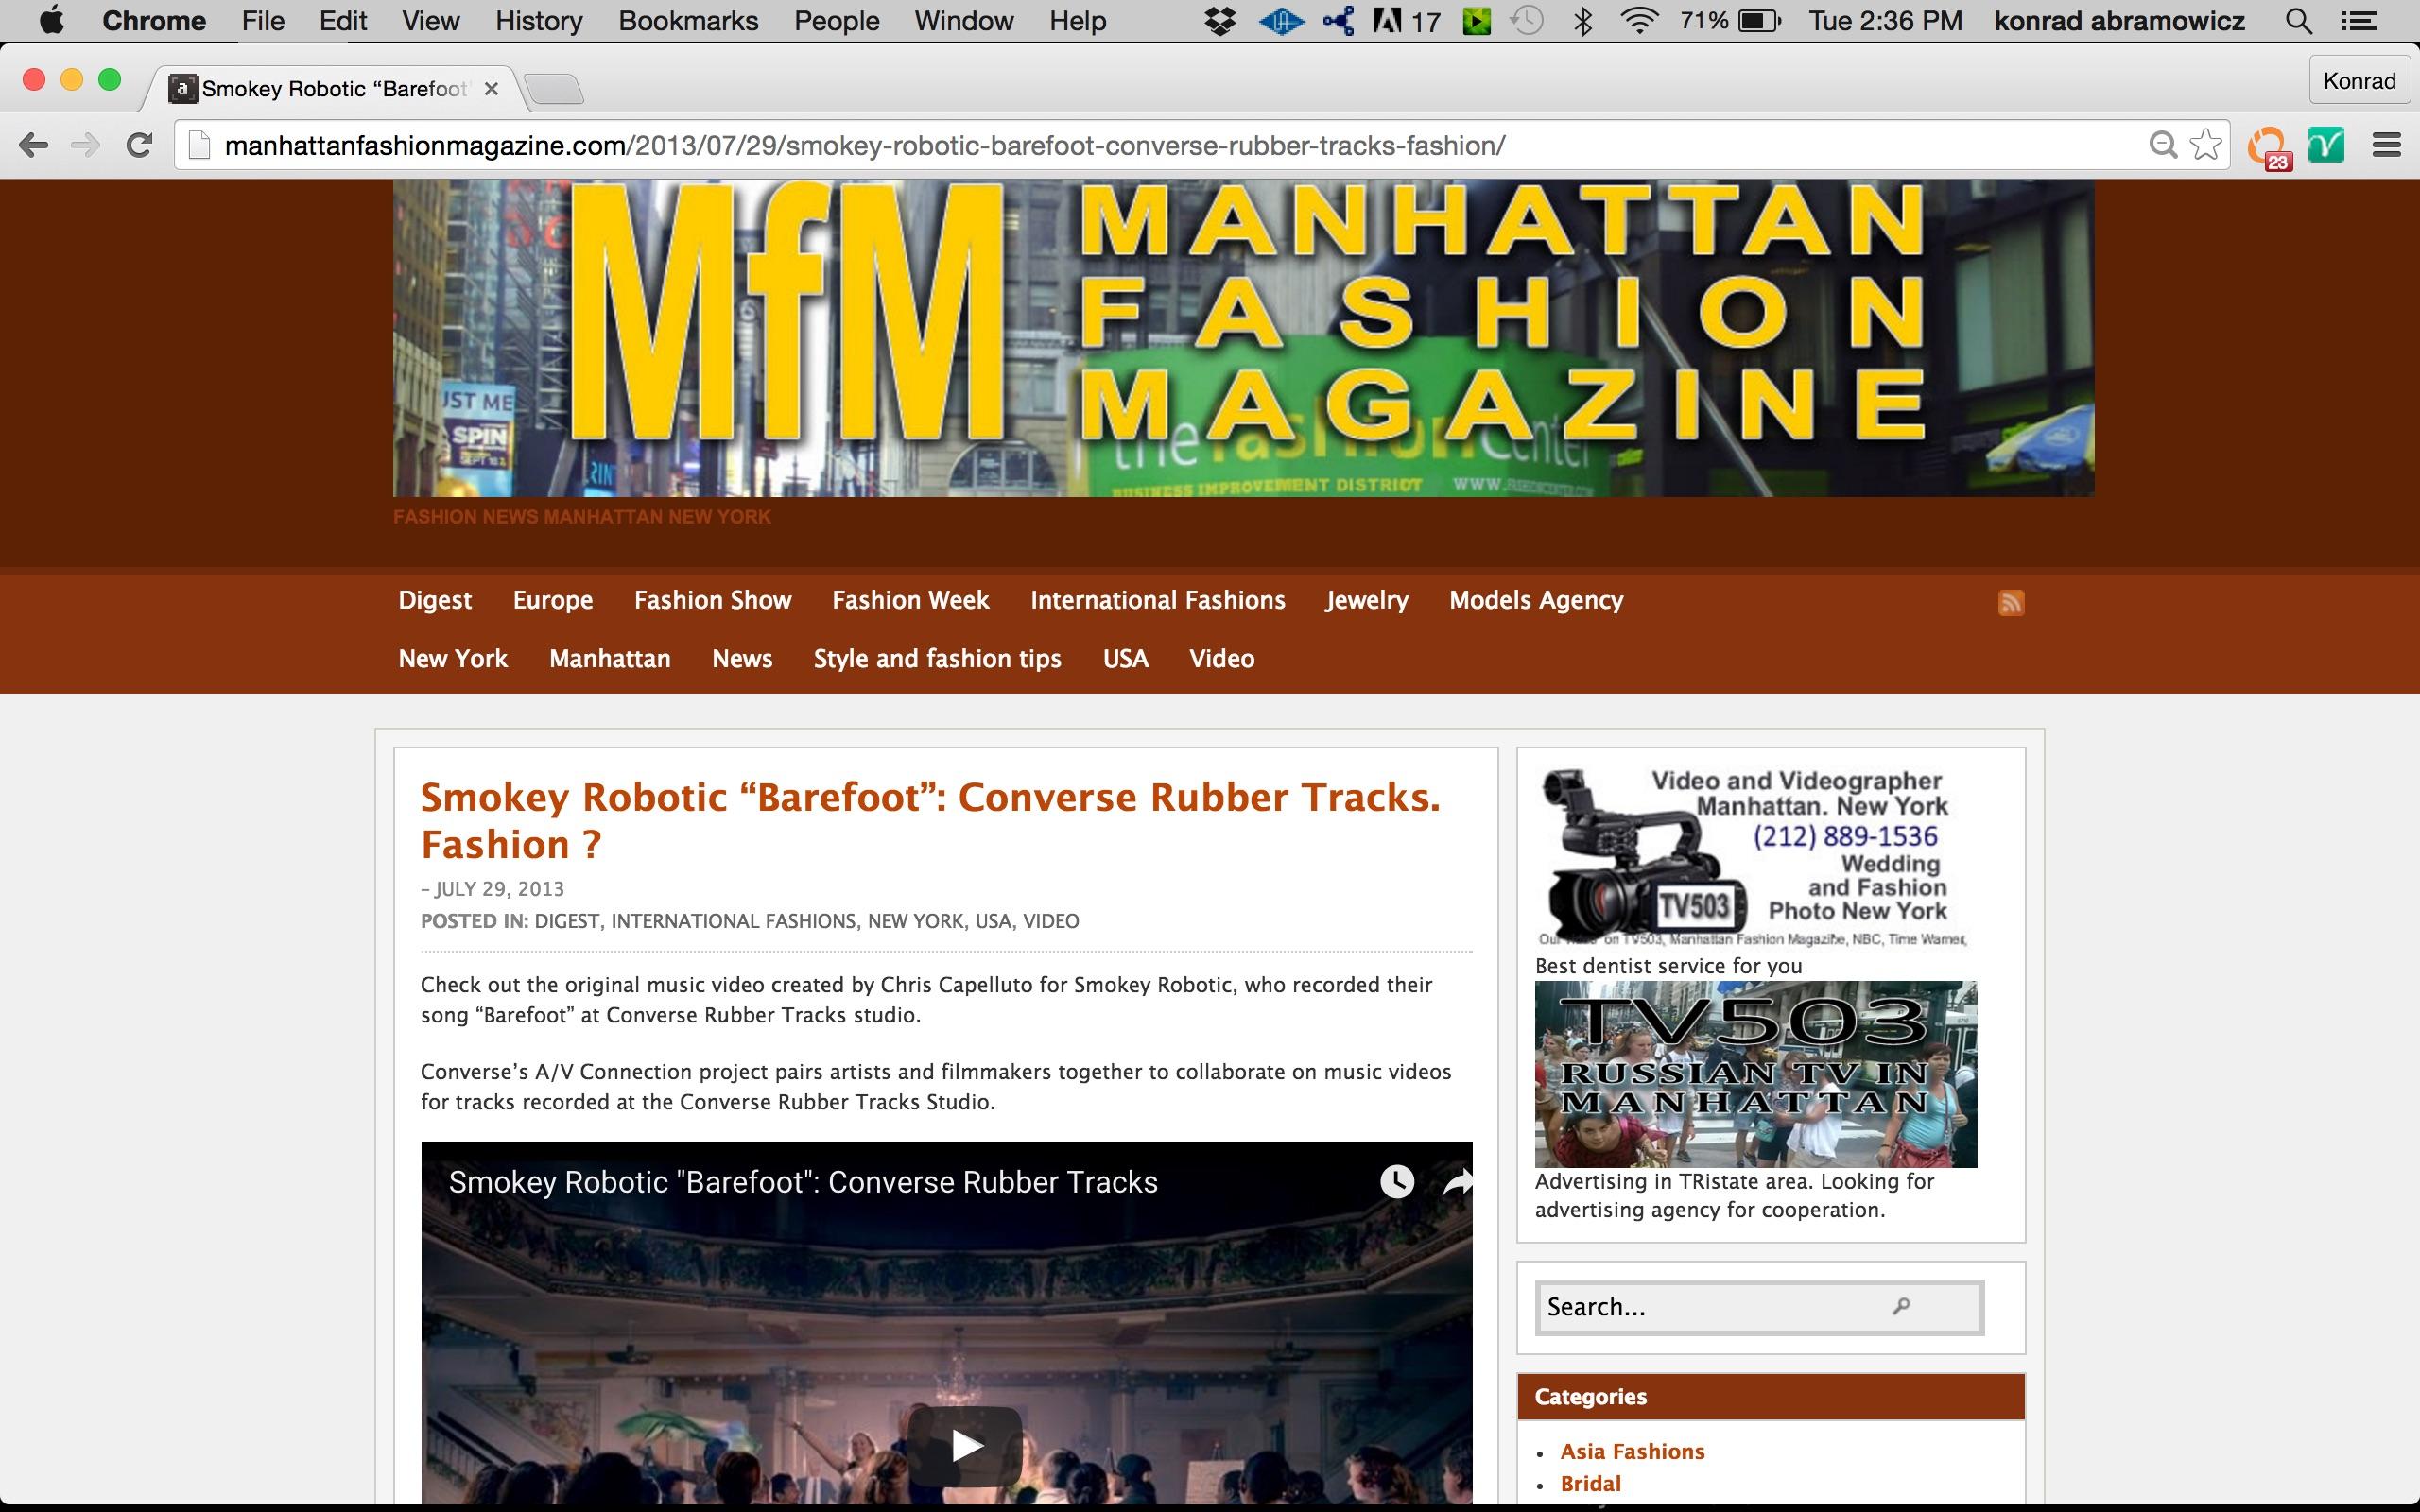 Manhattan Fashion Mag